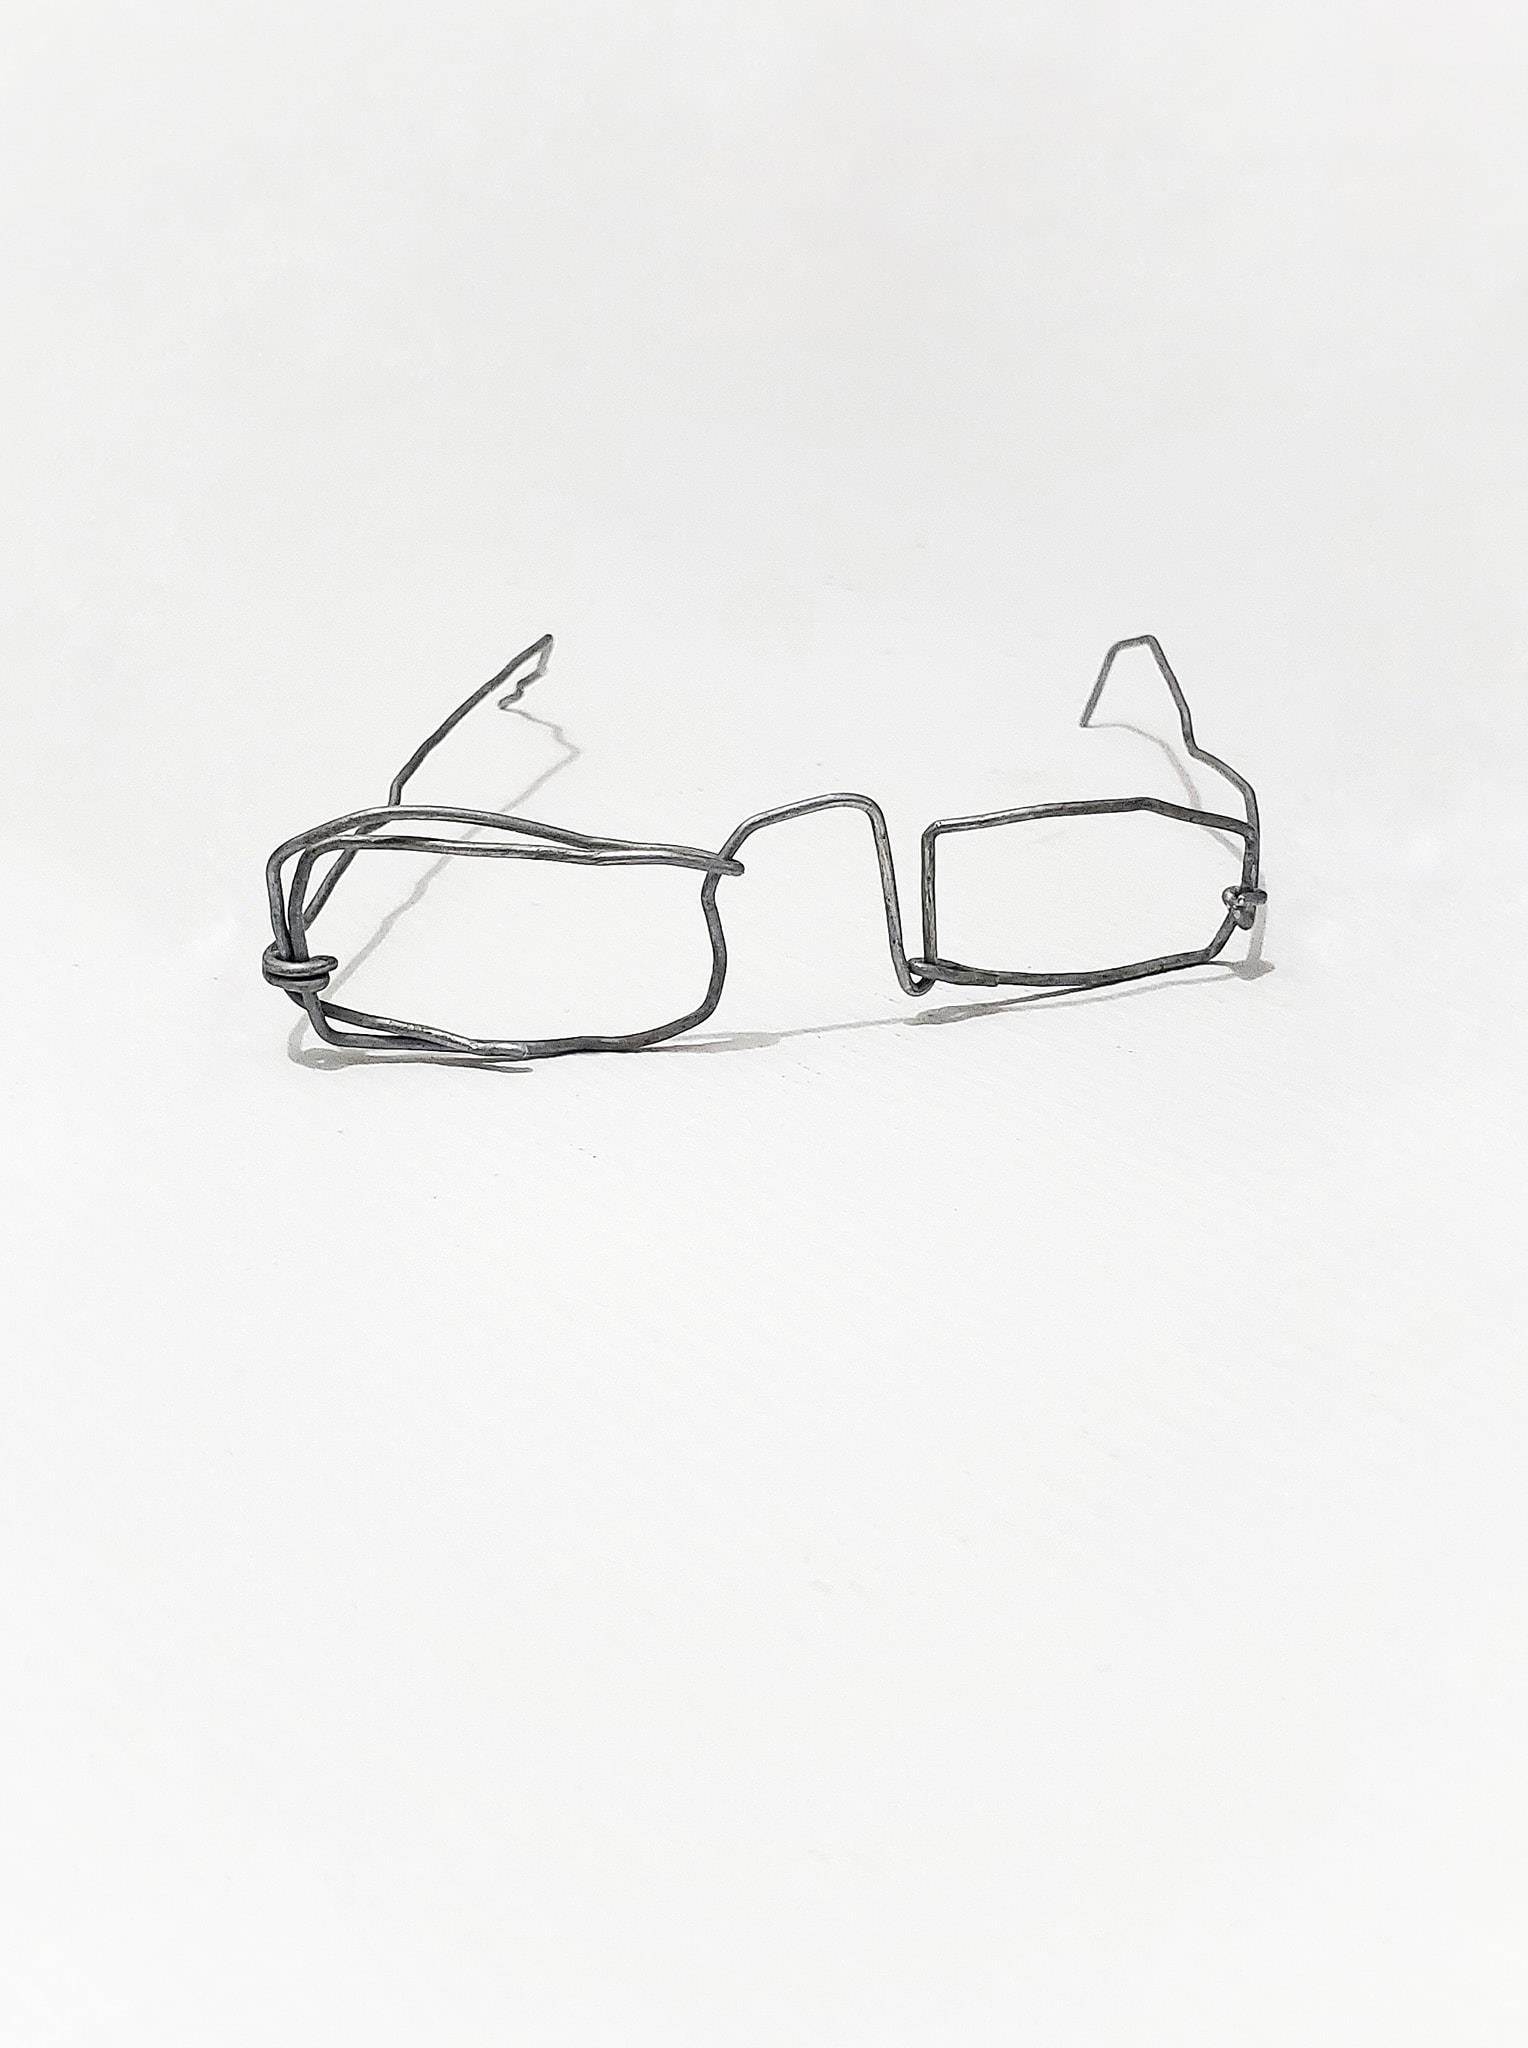 قصة طفل أصبح حديث العالم بسبب «نظارته»